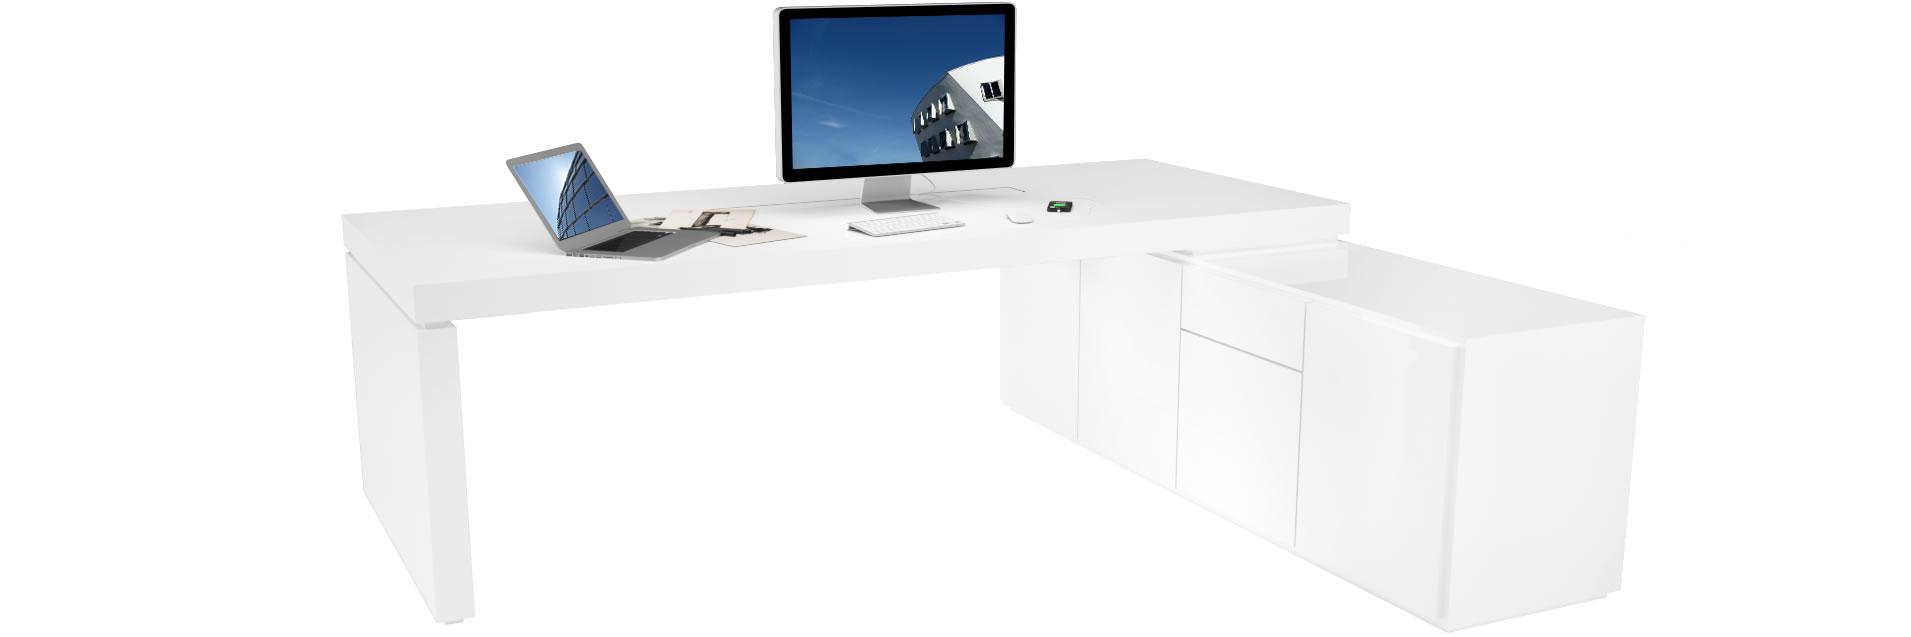 Chefzimmer schreibtisch praefectus vergleichen for Schreibtisch druckerfach